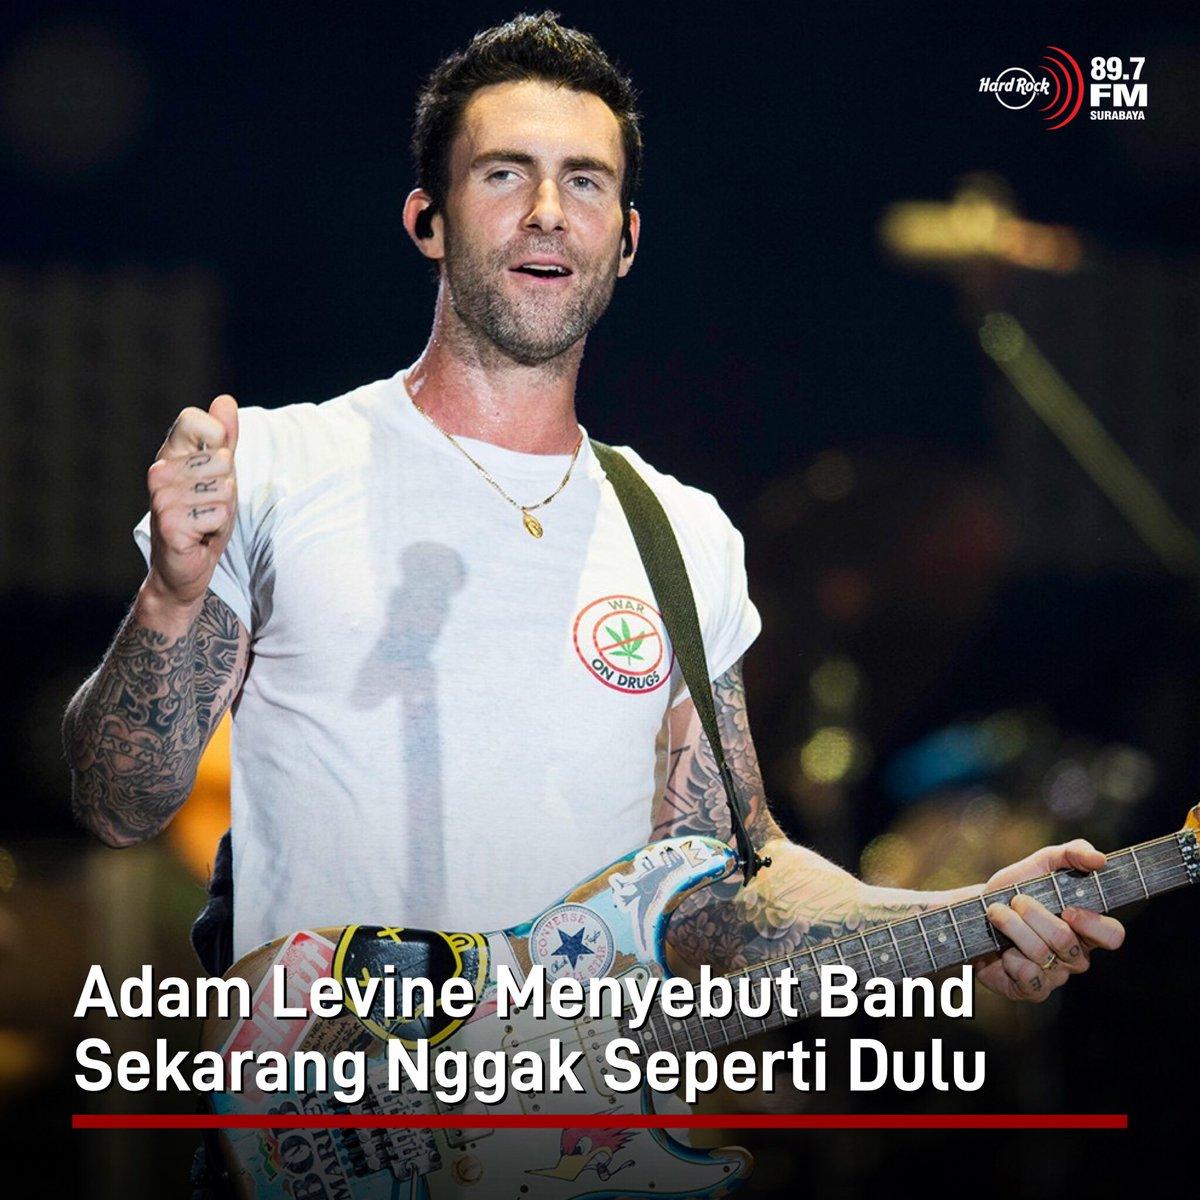 #HRFMNews Adam Levine bilang kalo sekarang udah ga ada lagi band-band seperti dulu.  Dalam sebuah wawancara dg Zane Lowe di Apple Music, dia mengaku kangen sama musik awal tahun 2000an yg dia sebut msh banyak band. Band jaman sekarang ga terlalu jd pusat perhatian di ranah pop.